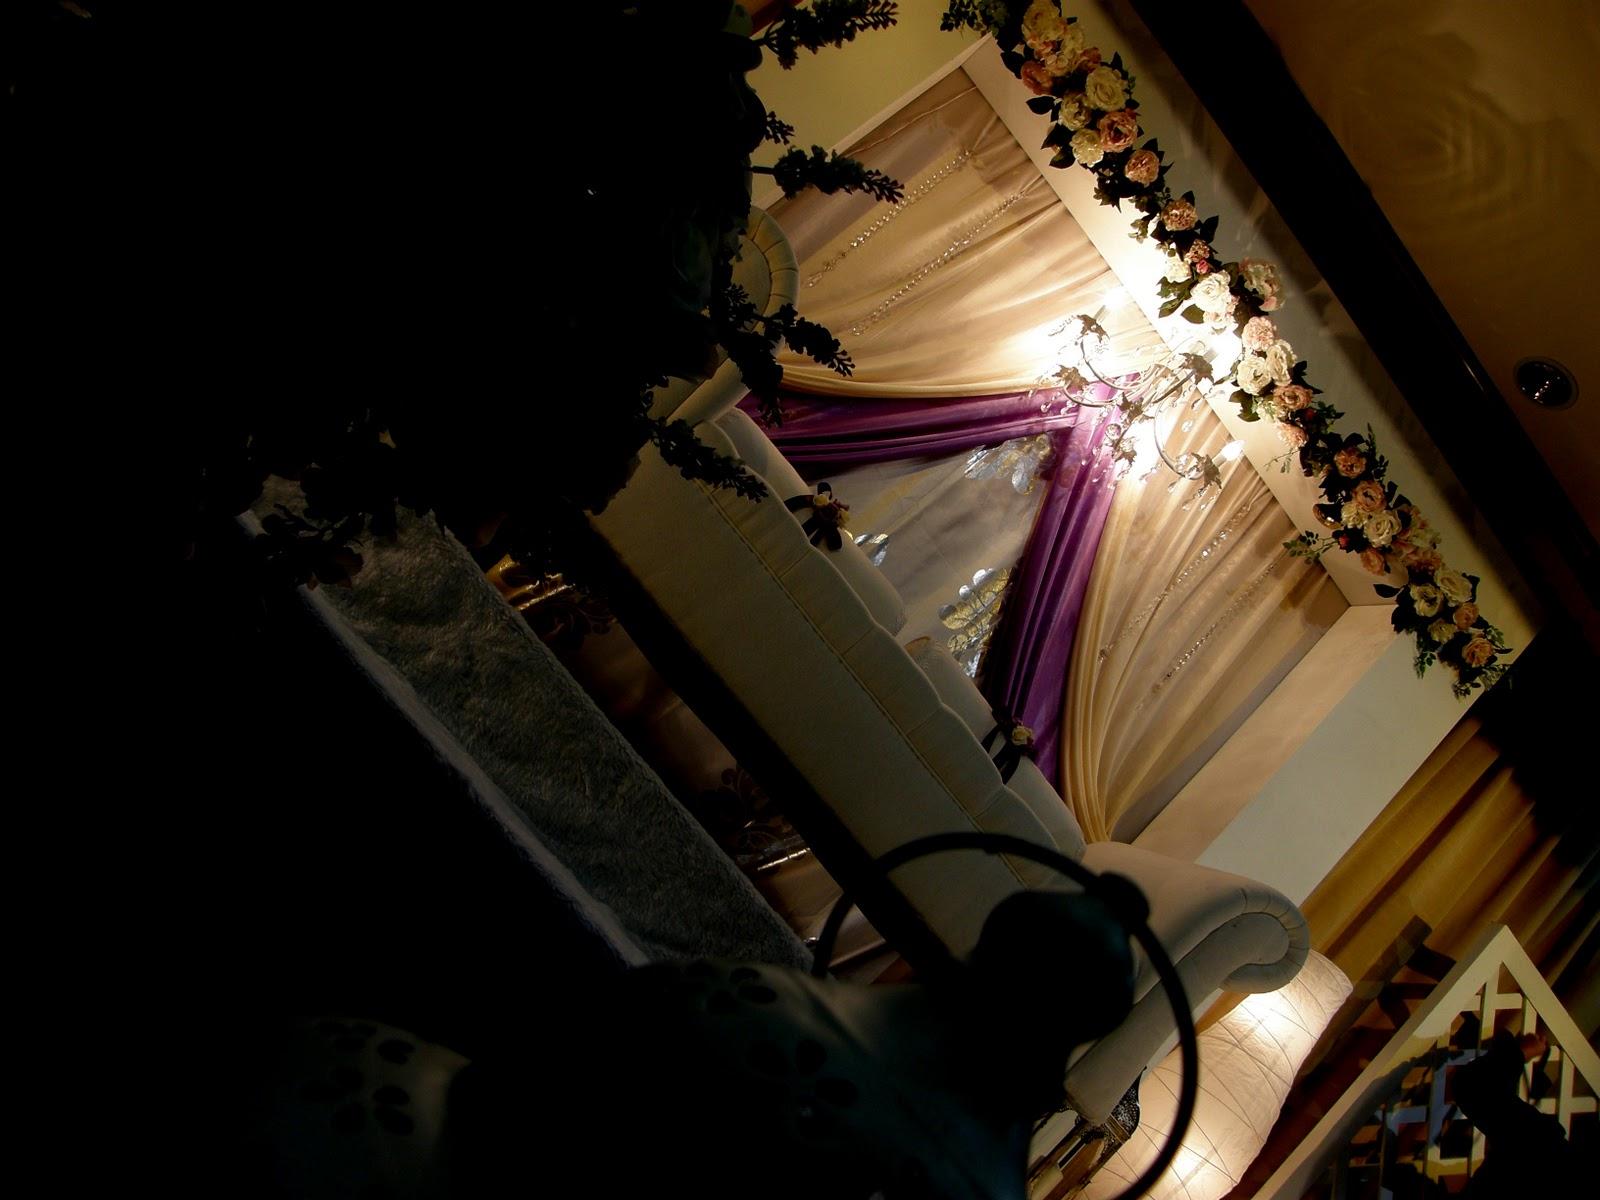 bridal matters by annajoe  wawa  u0026 saufi u0026 39 s reception